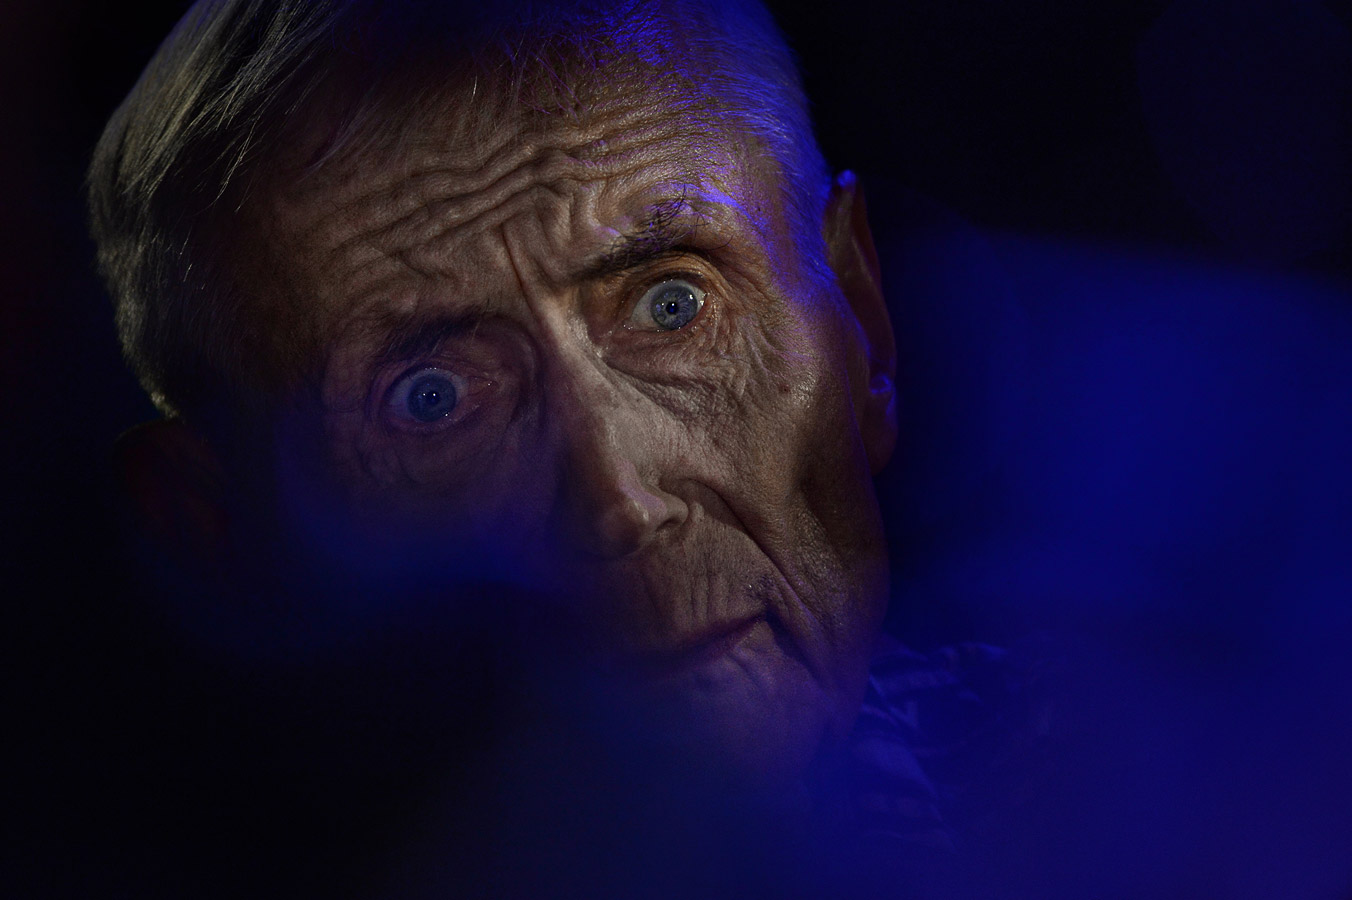 Поэт Евгений Евтушенко, © Владимир Вяткин, Портрет, 1 место - Профессионал, Фотоконкурс Nikon «Я в сердце изображения»